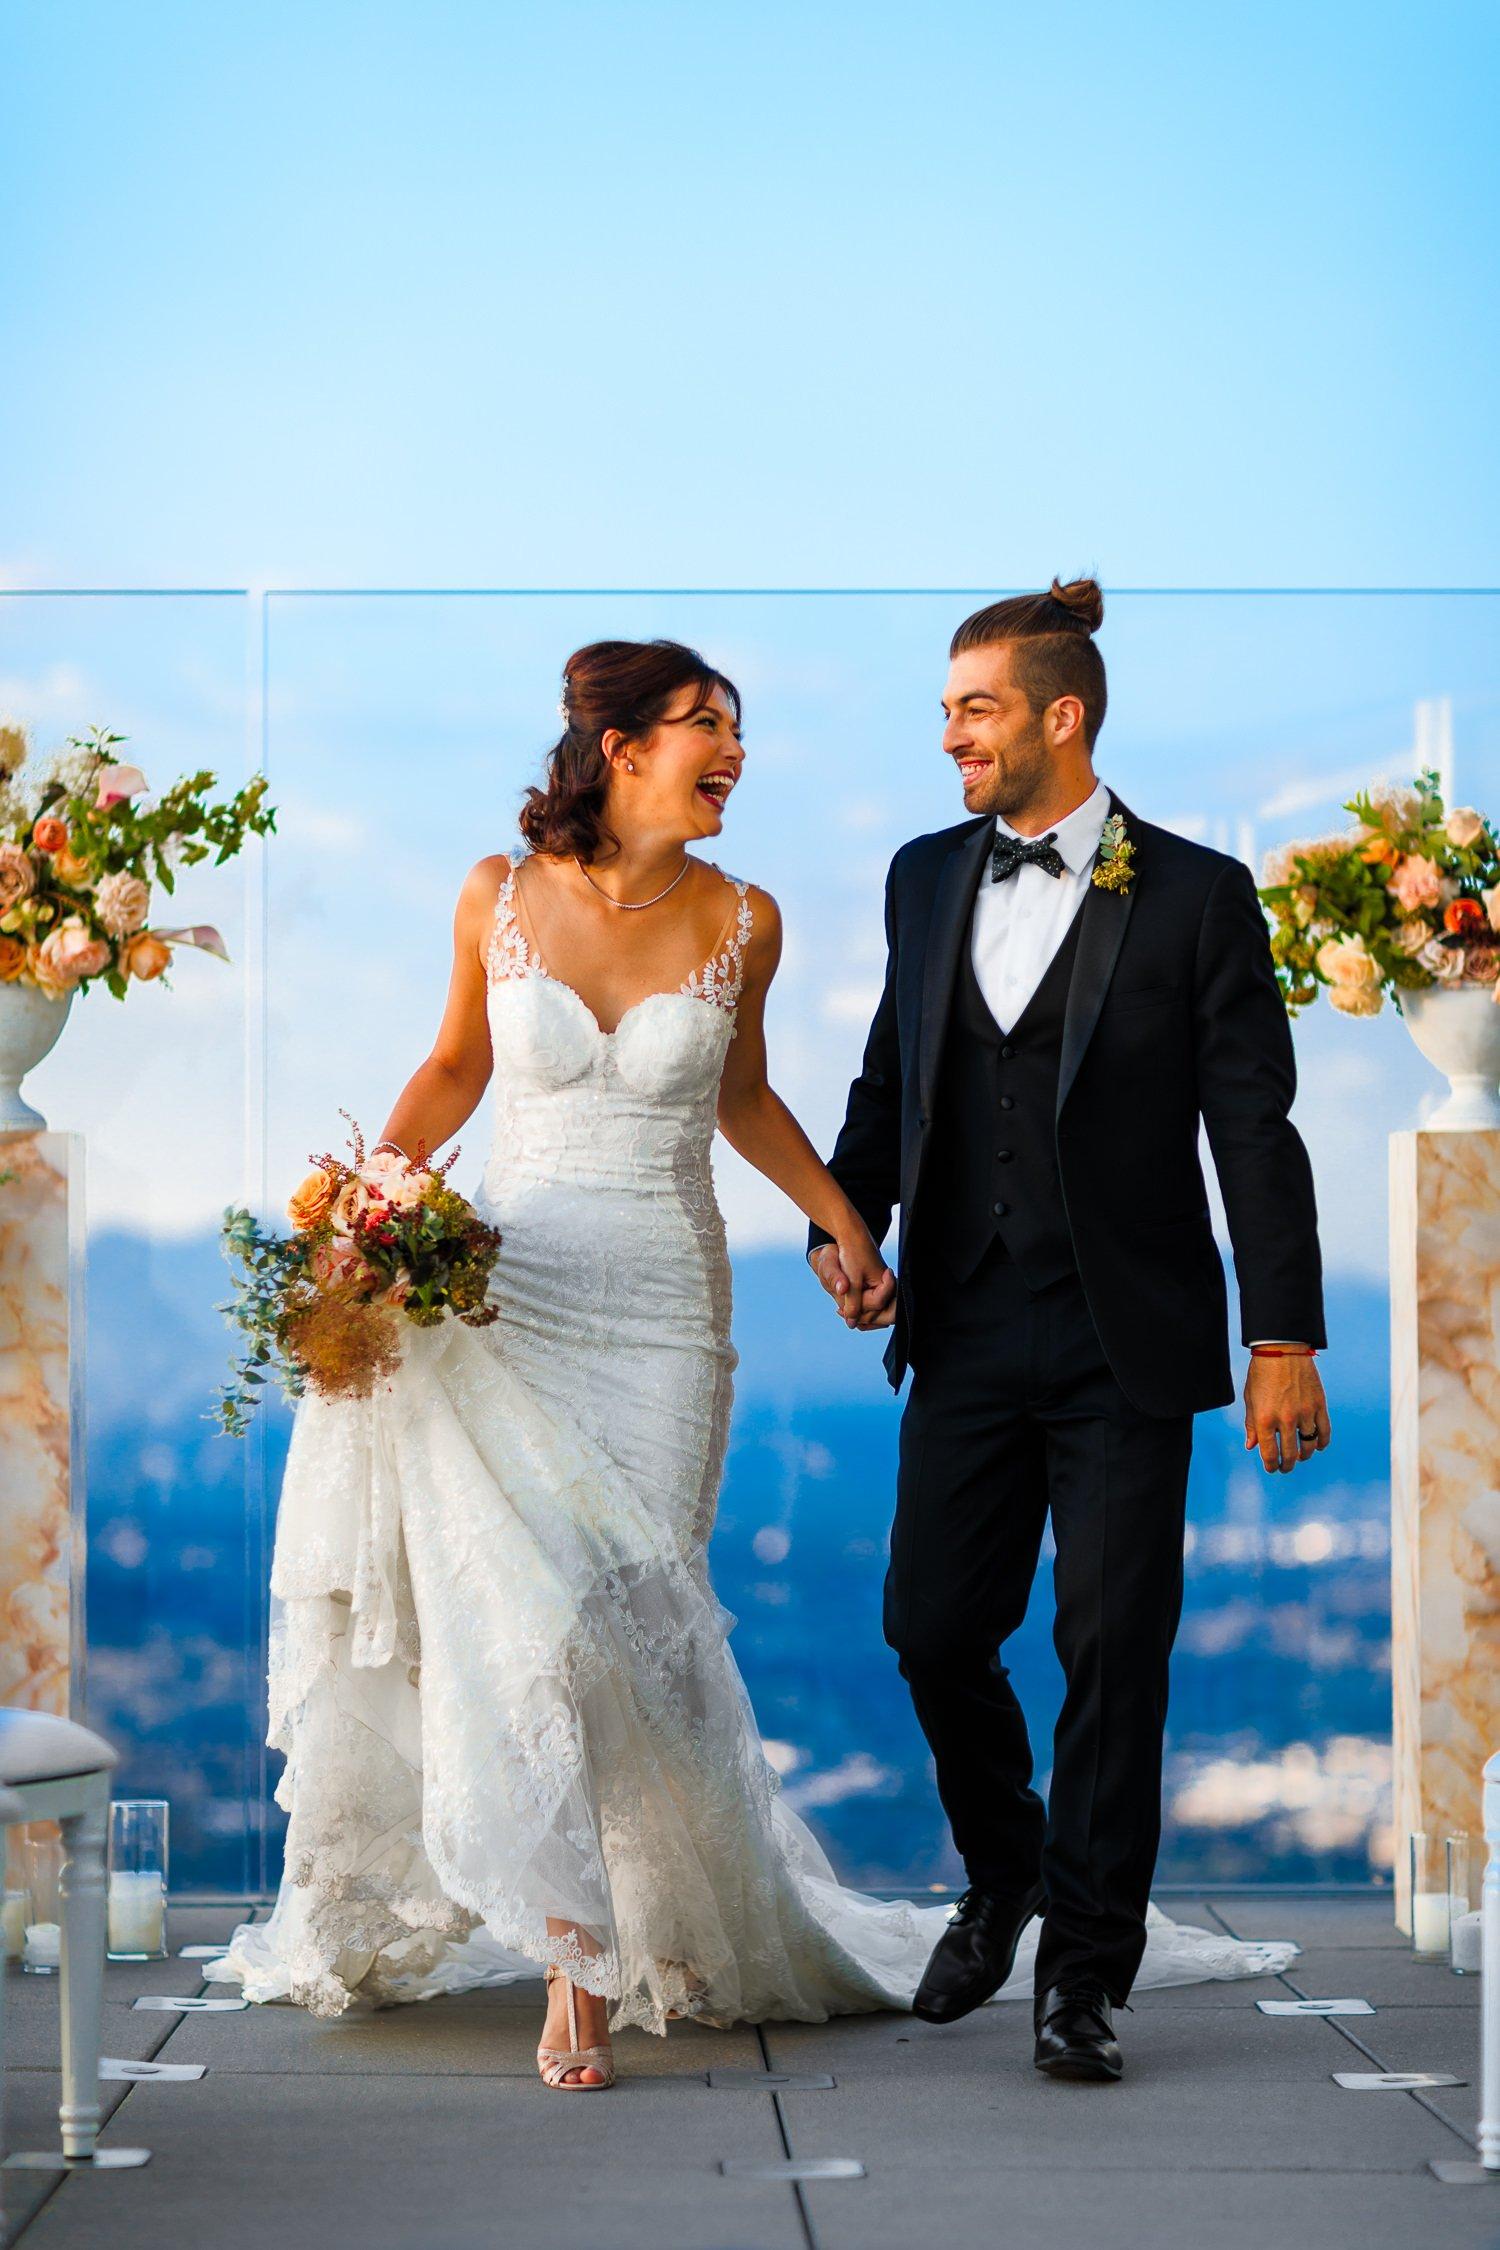 Huntington Beach Cdjr >> OUE Skyspace Wedding DTLA | Los Angeles Photographer